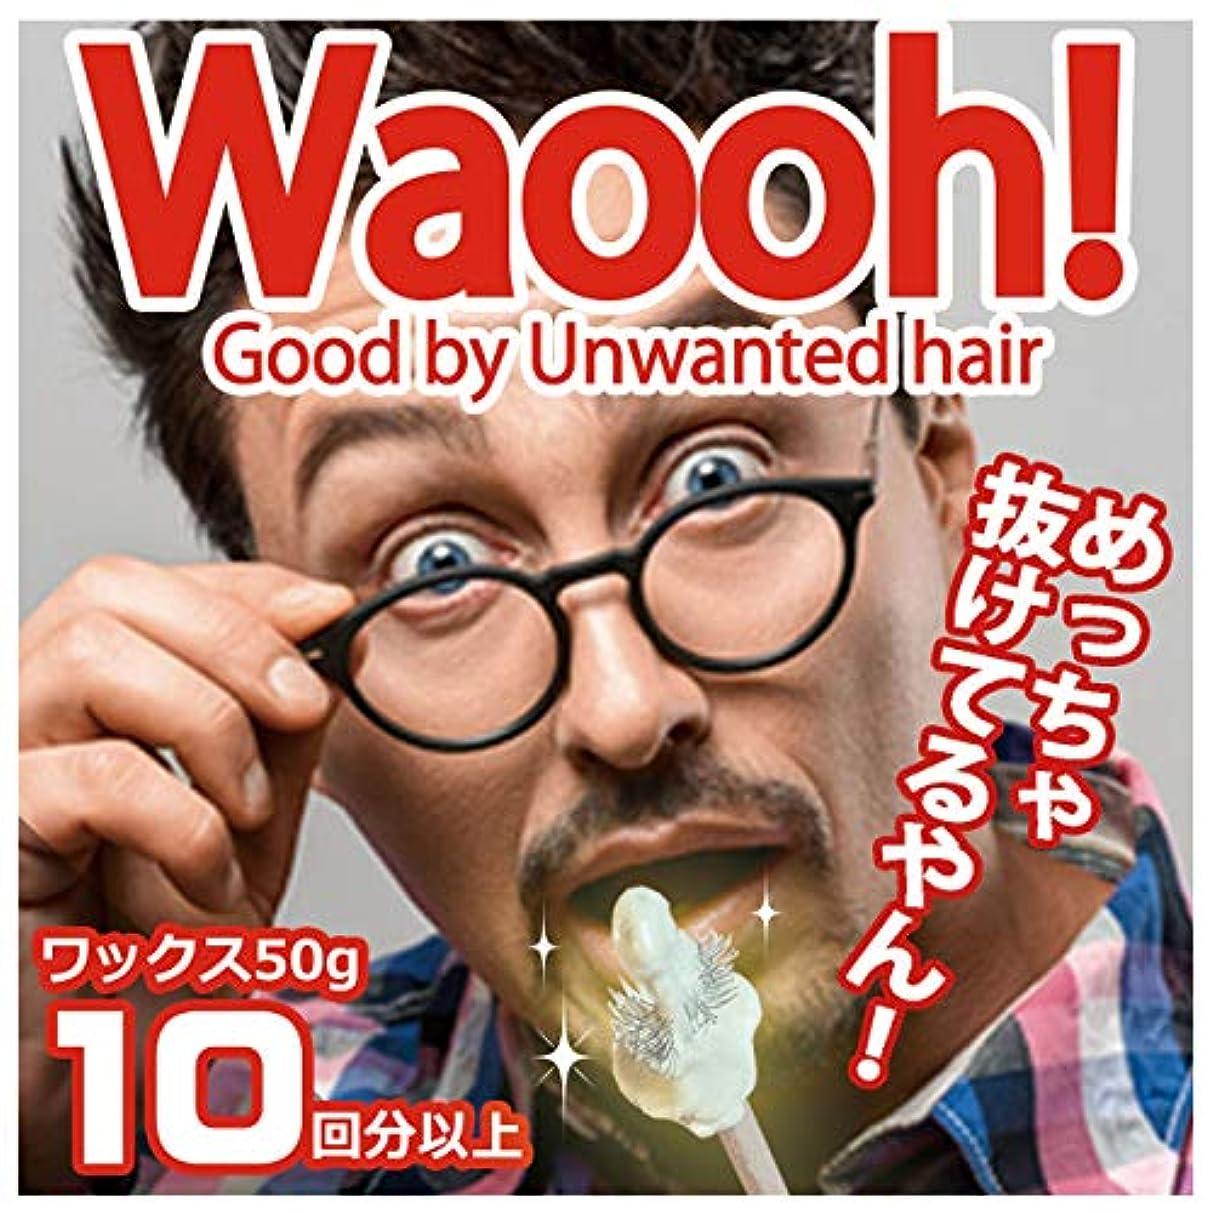 一節番号アイドル[Waooh]鼻毛 脱毛 ノーズワックス 鼻 ブラジリアン ワックス キット 男女兼用 (50g 10回分)